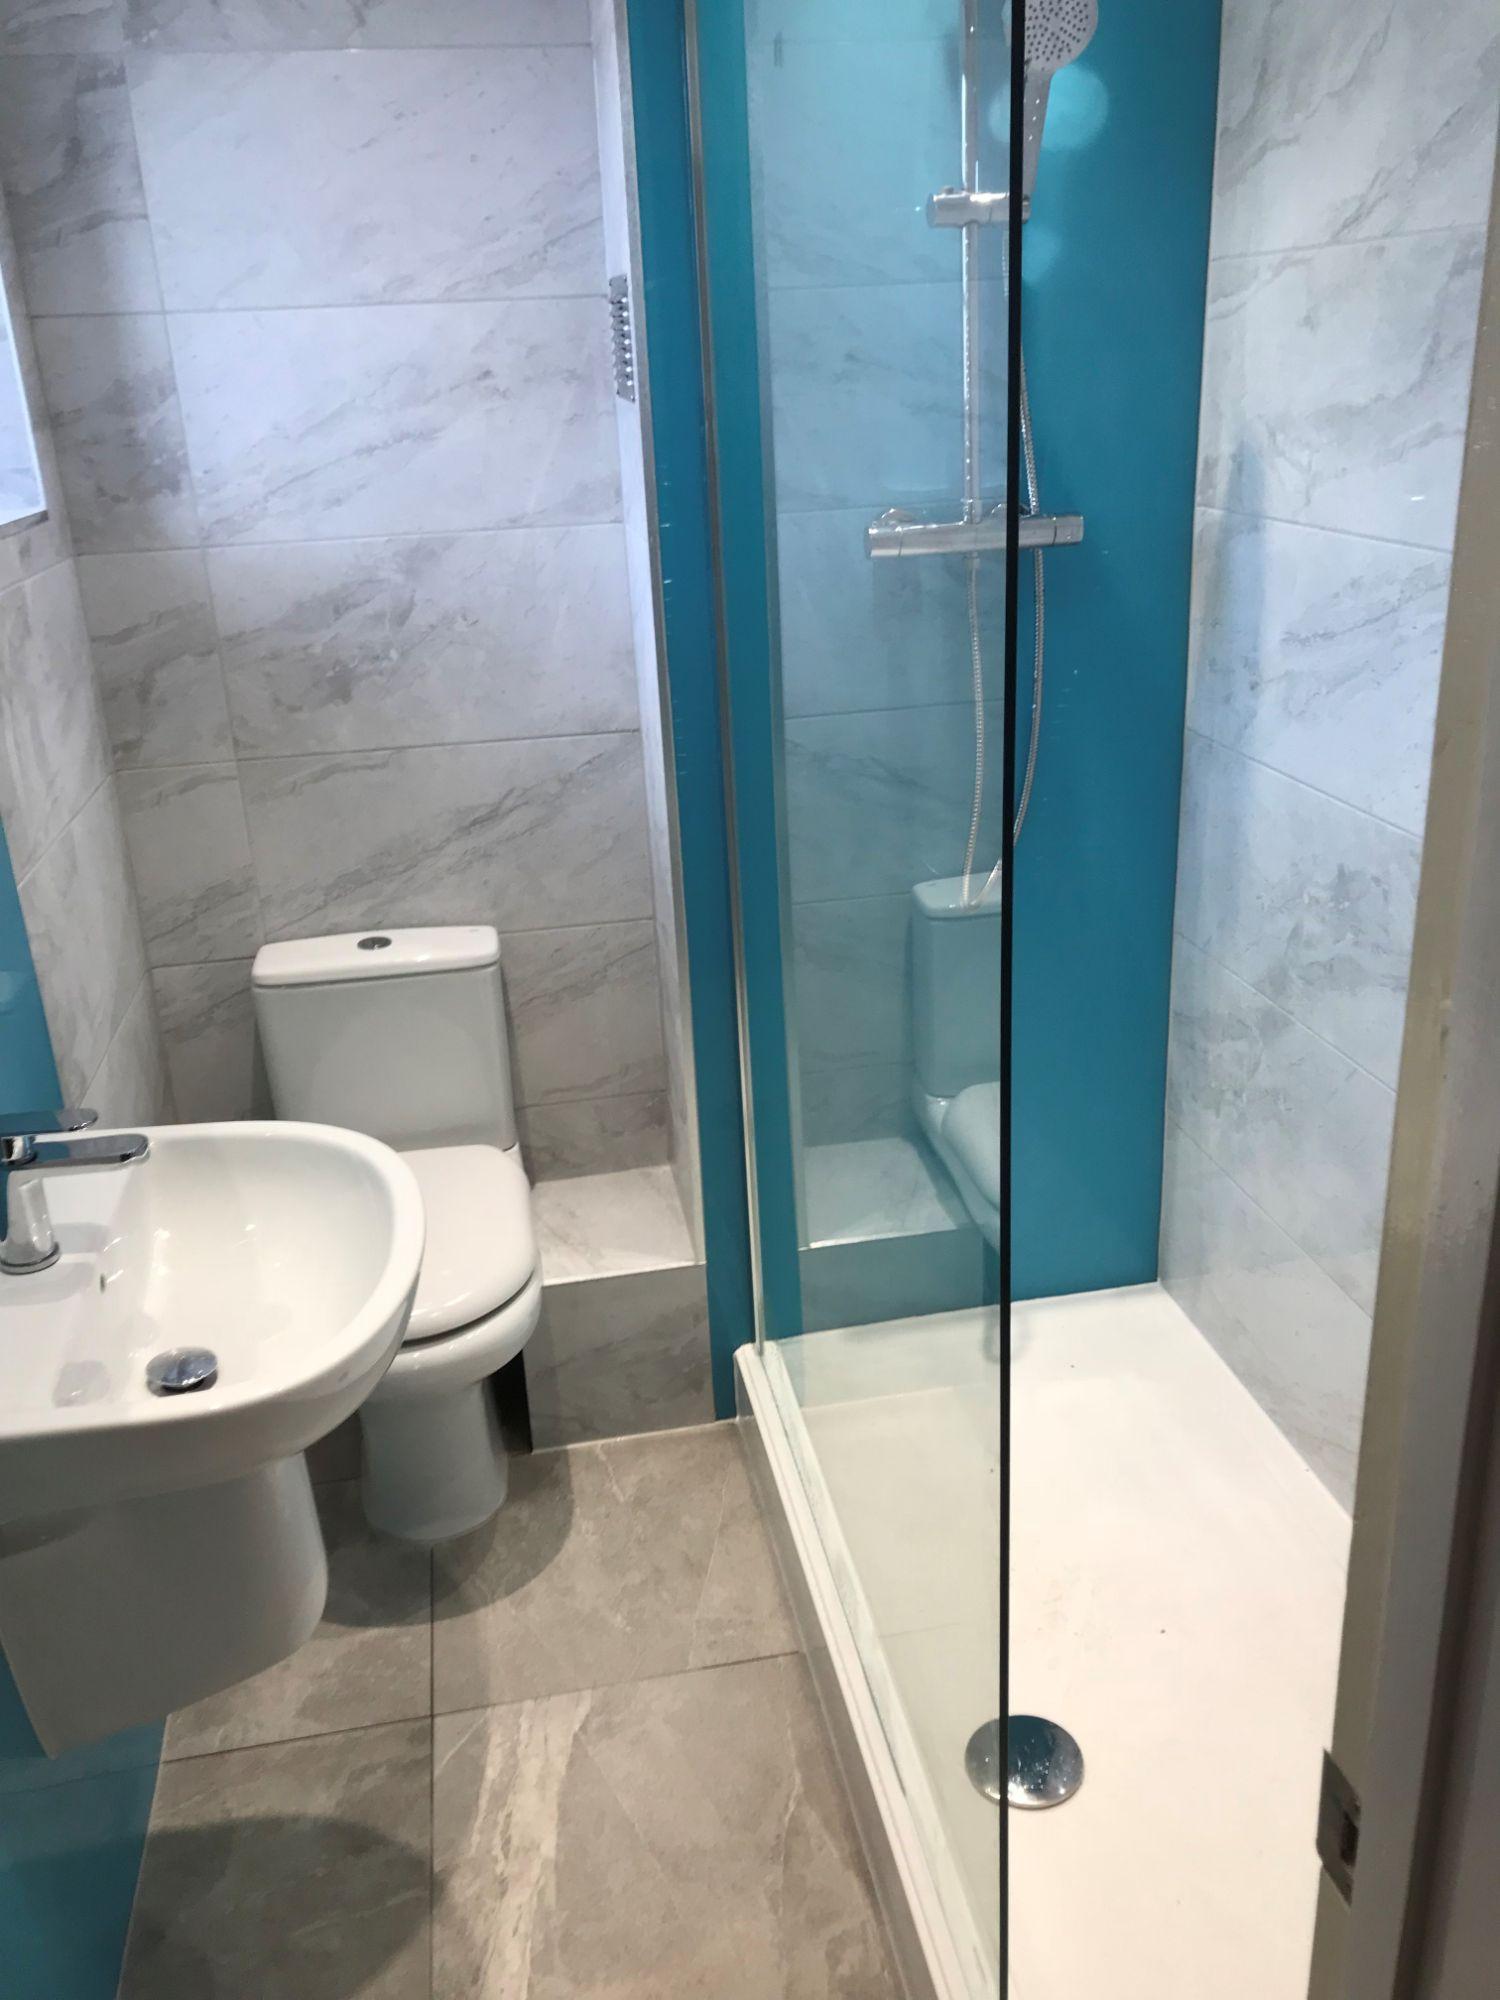 New Bathroom Room 1 April 2019